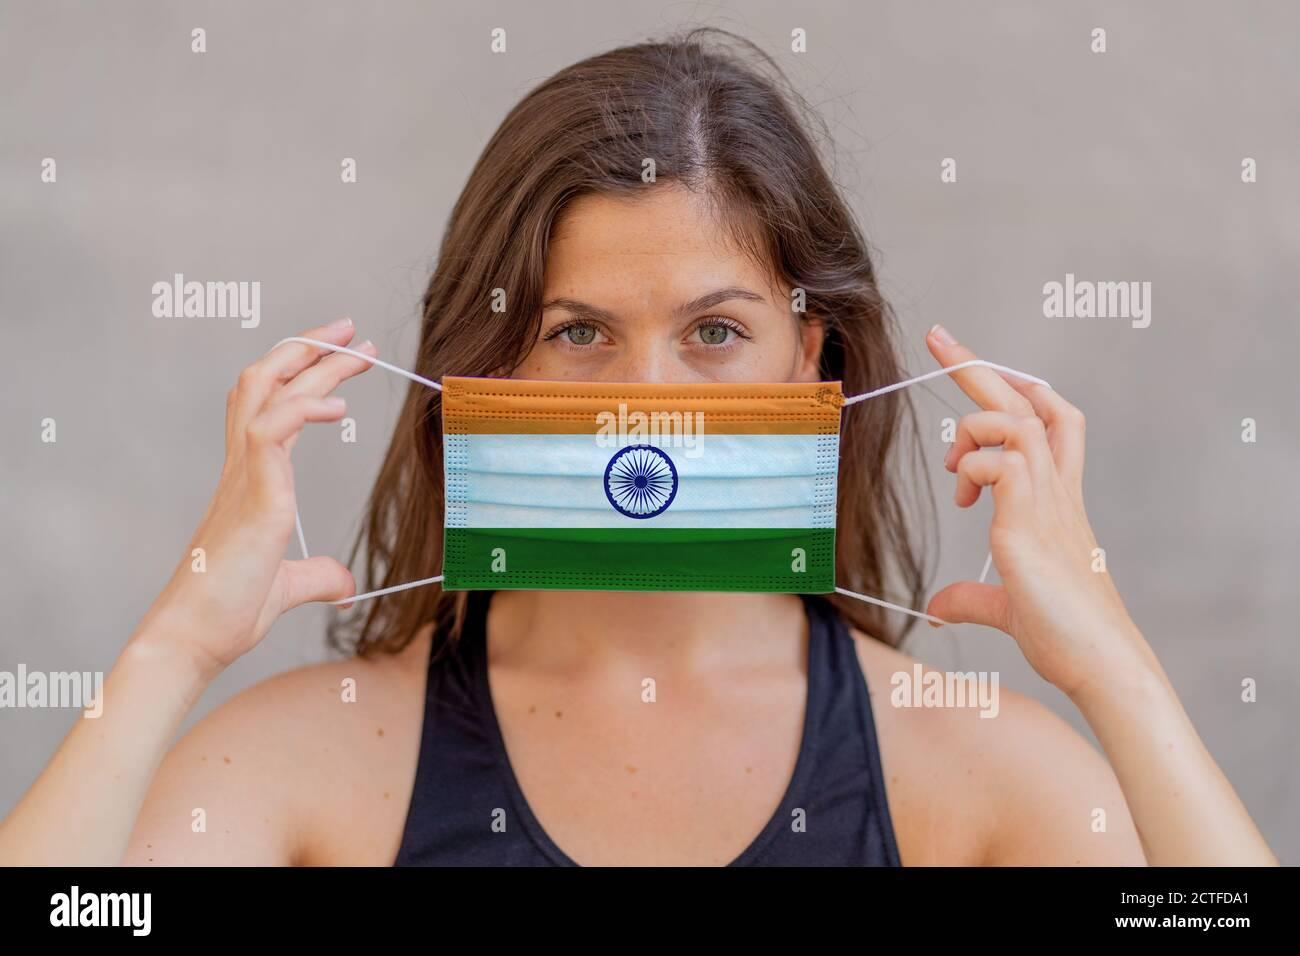 Ausbruch des Coronavirus in Indien und weltweite Gesundheitskrise. Frau trägt indische Flagge Gesichtsmaske gegen Infektionskrankheiten 2019 neuartige Coronavirus. Kontra Stockfoto